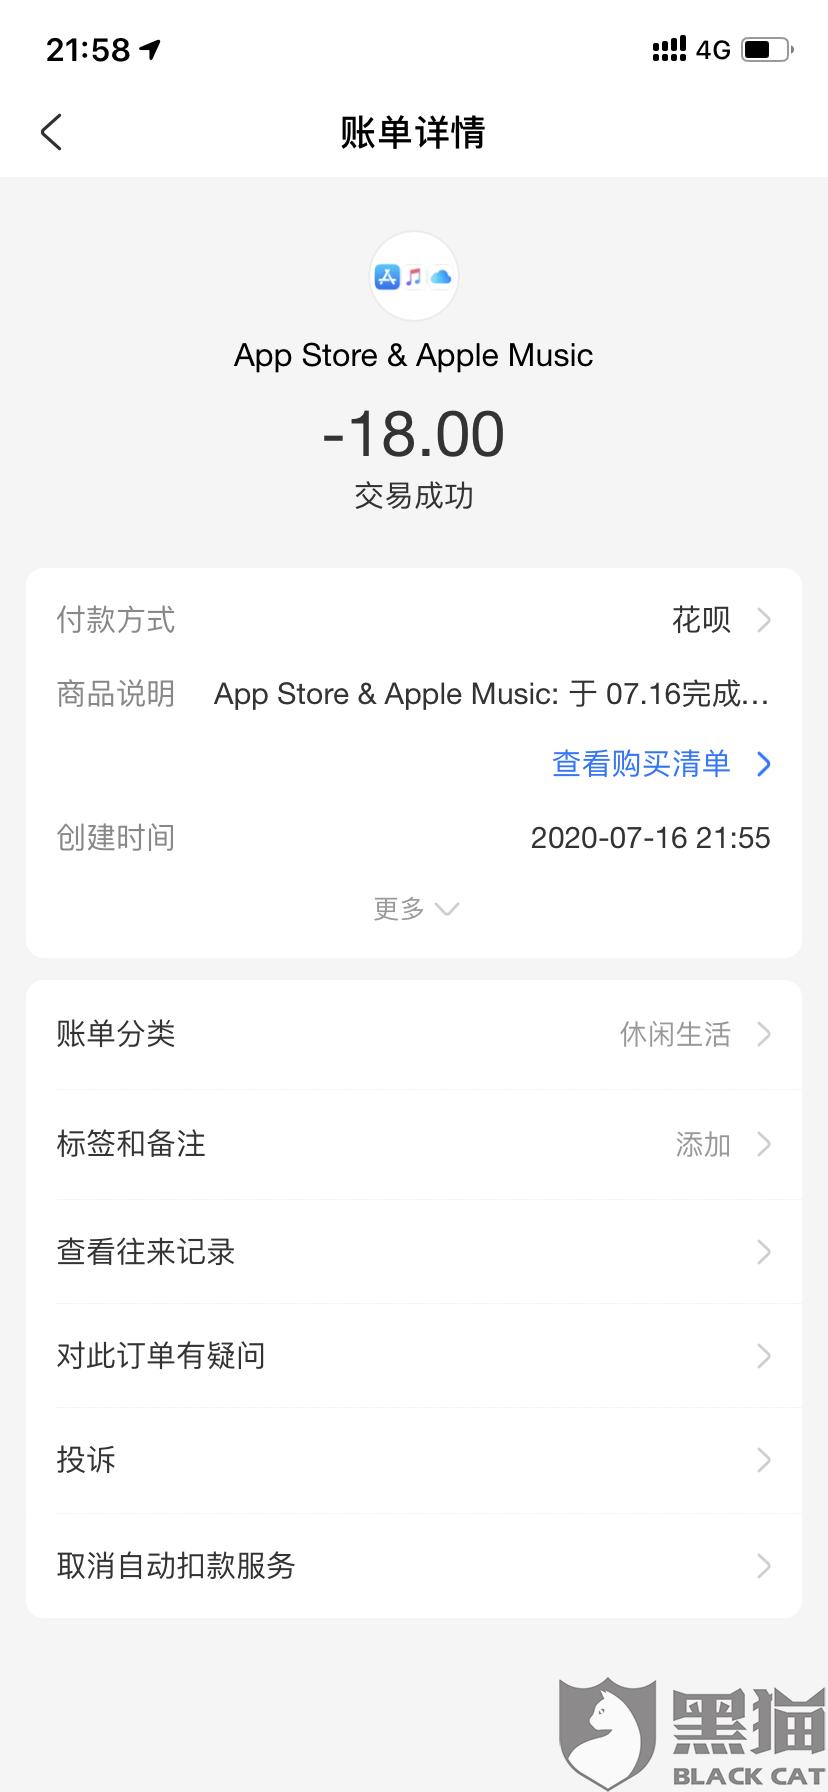 黑猫投诉:苹果app store扣费